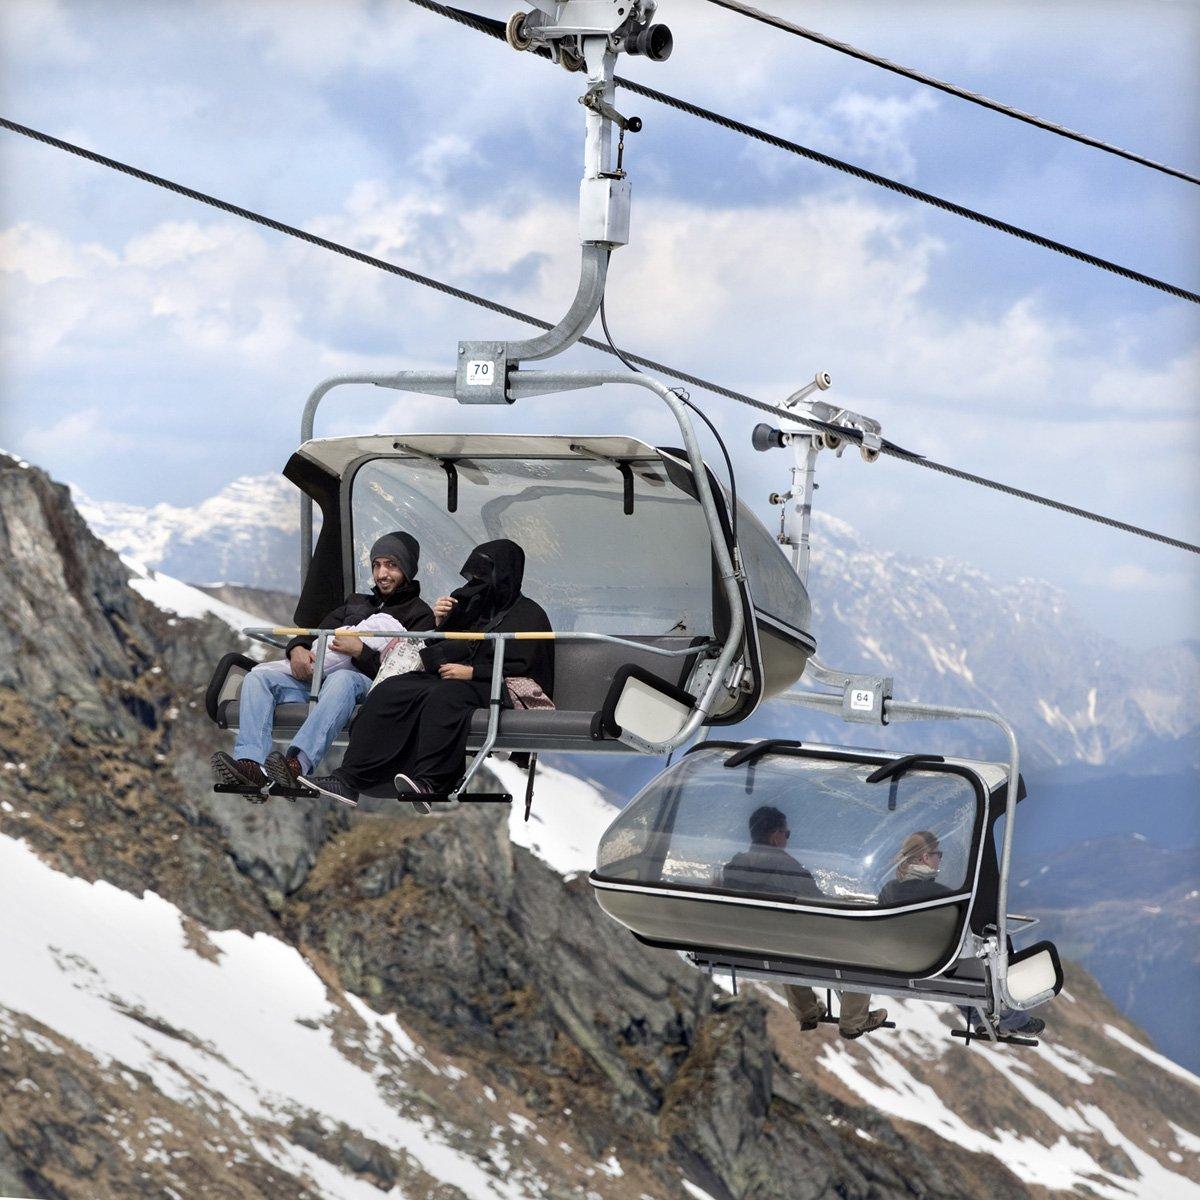 Turistas do Oriente Médio invadem cidade idílica alpina para escapar do calor do verão escaldante 15